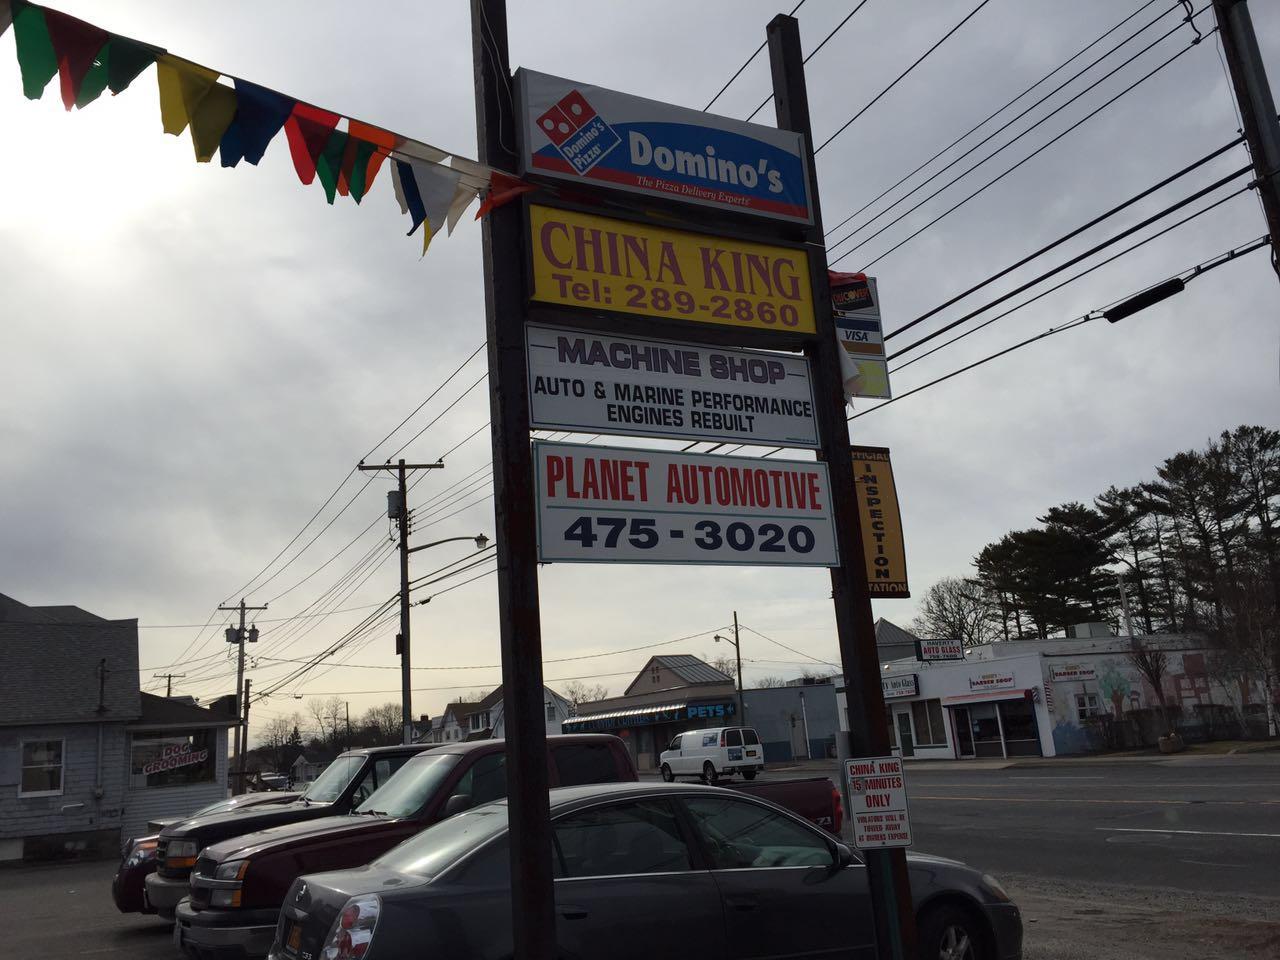 Medford Ny Chinese Food